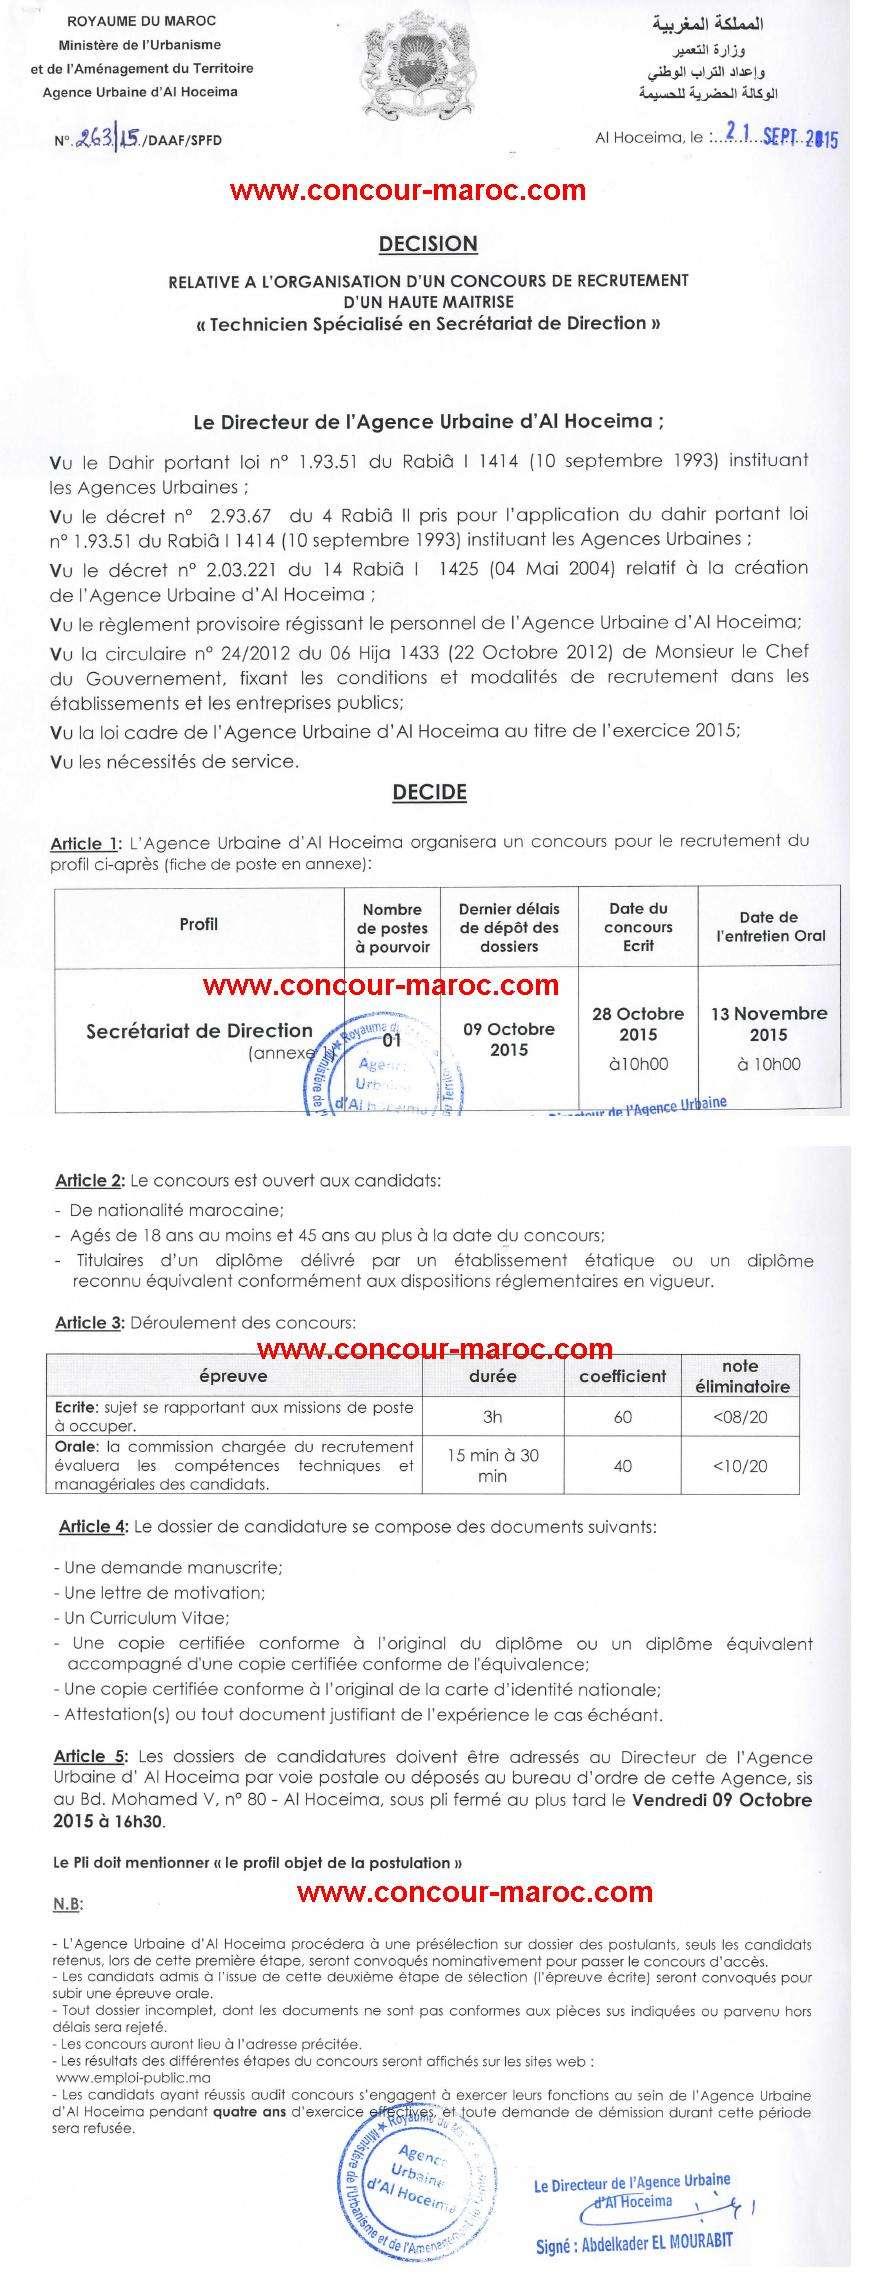 الوكالة الحضرية للحسيمة : مباراة لتوظيف تقني متخصص في كتابة الإدارة (1 منصب) آخر أجل لإيداع الترشيحات9 اكتوبر 2015 Concou43